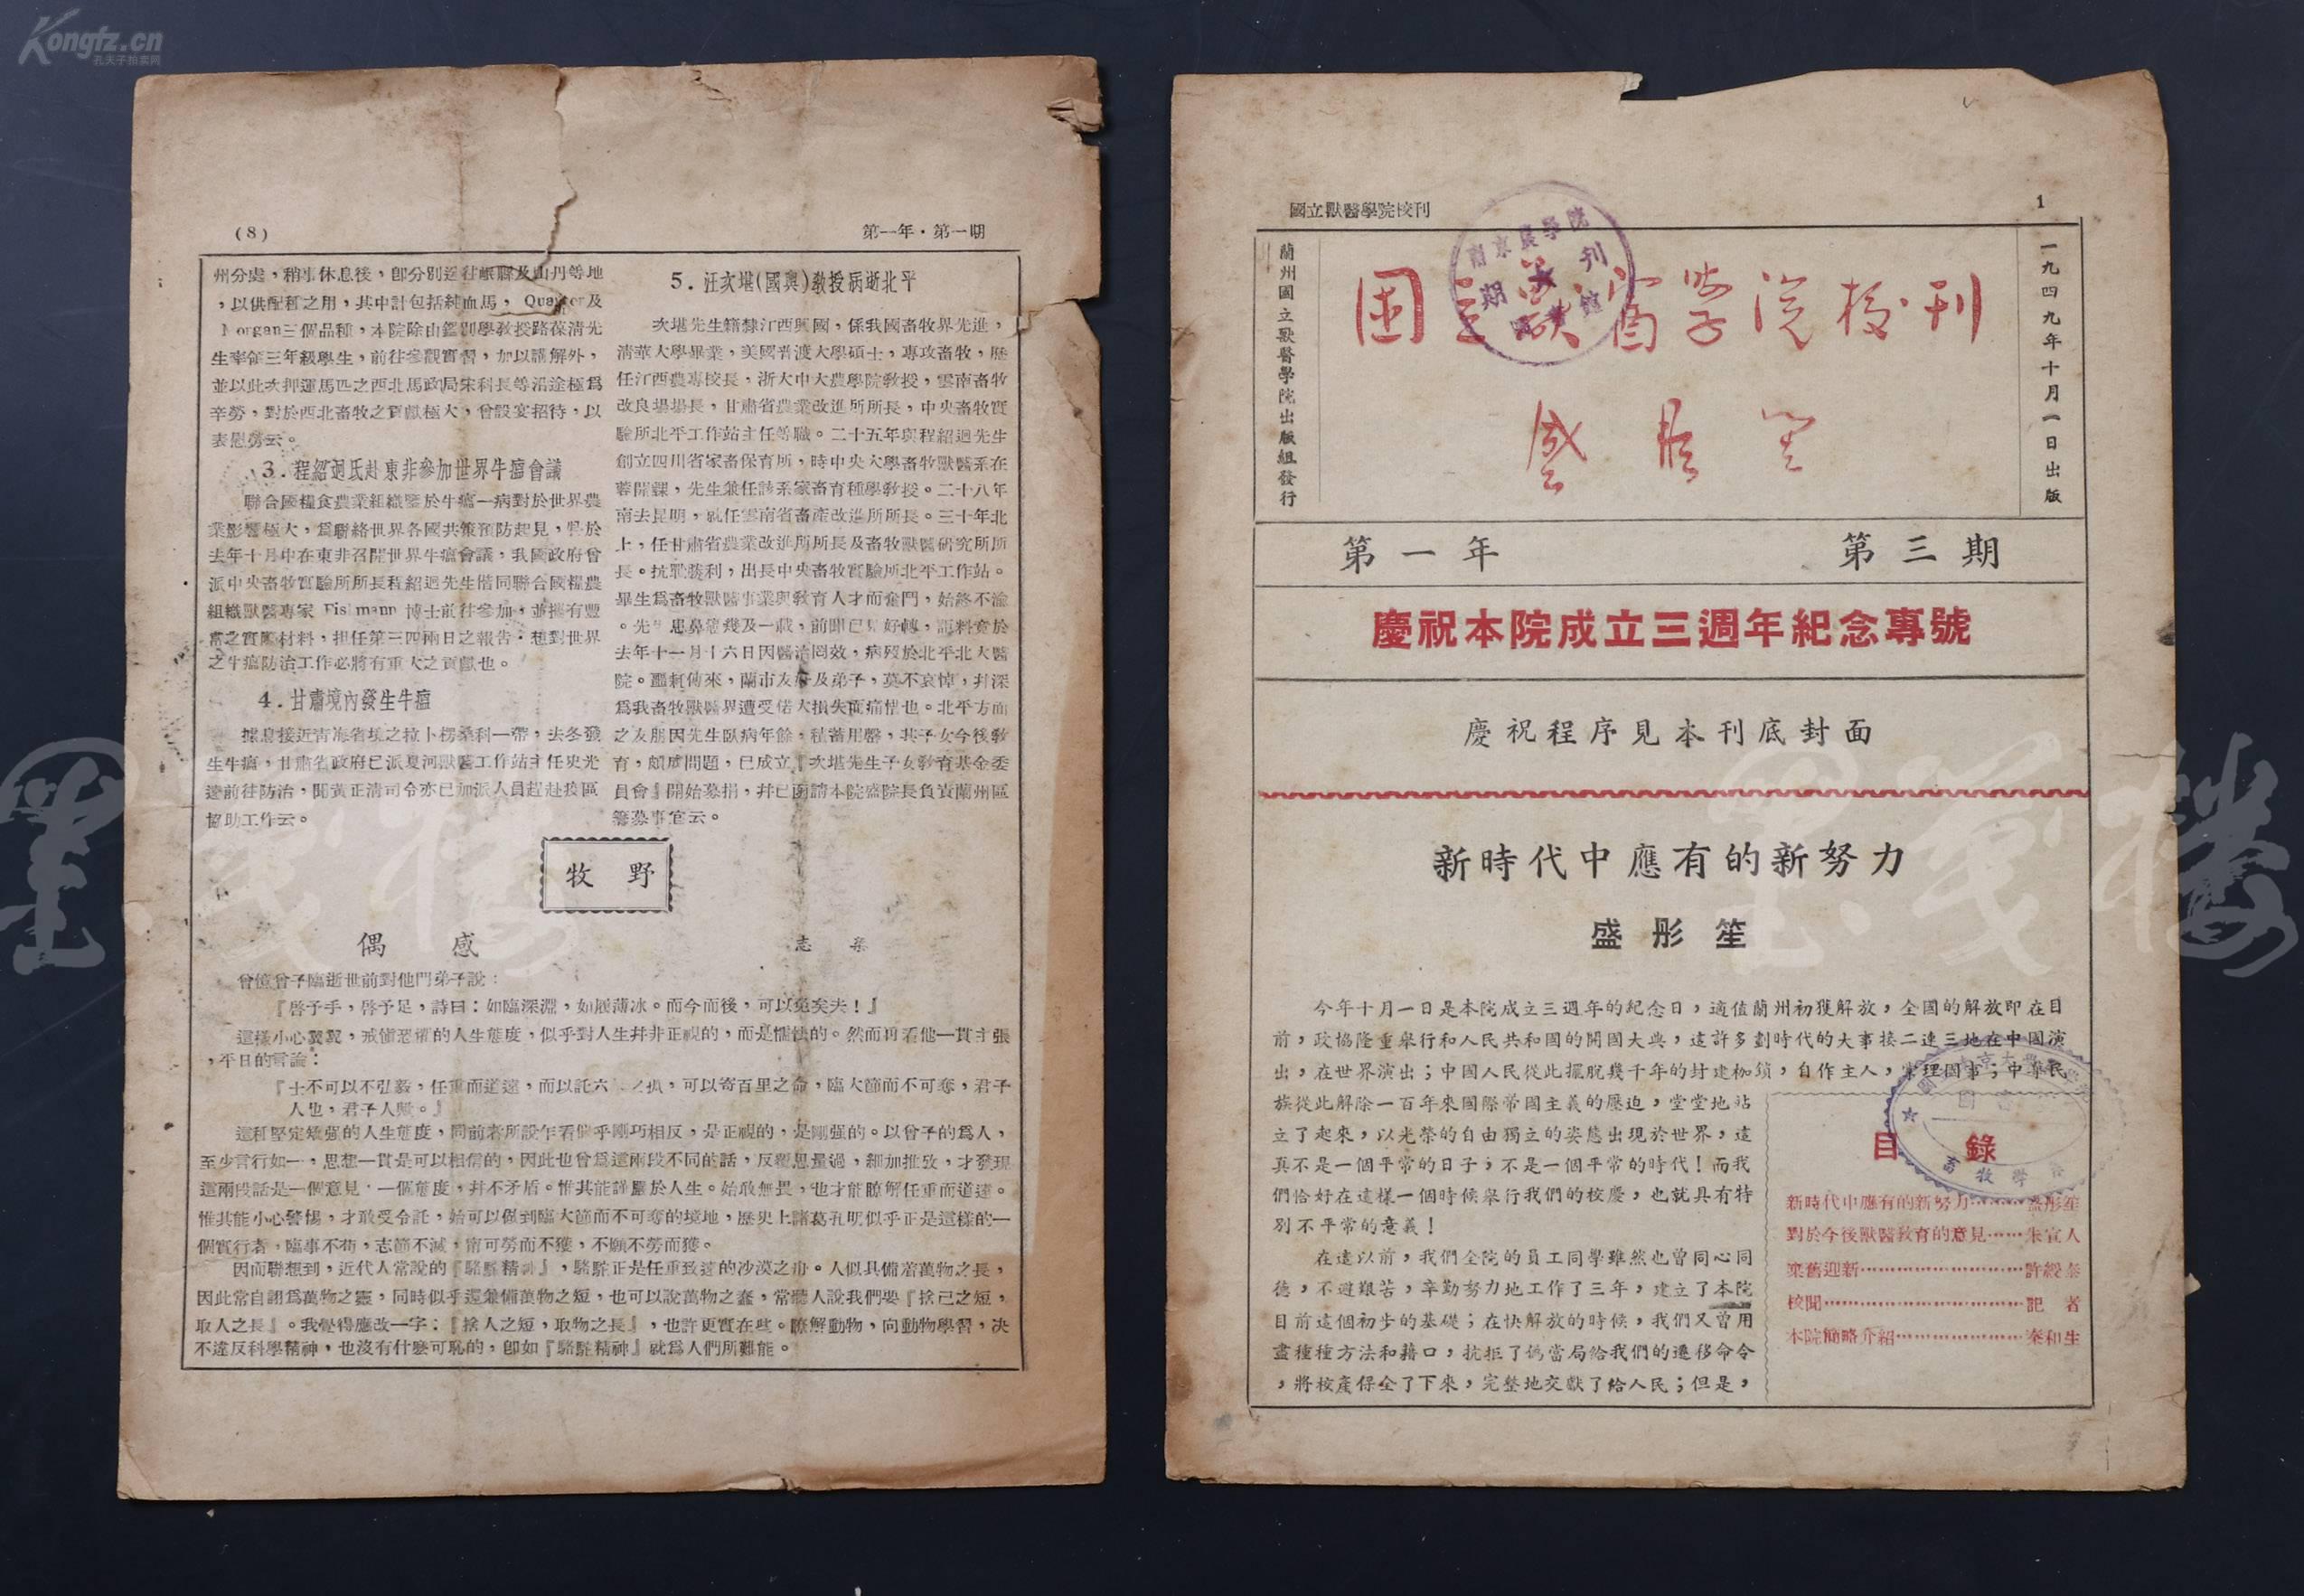 当前位置: 孔夫子拍卖网 大众拍卖区 市井繁音 - 民国至建国初期刊